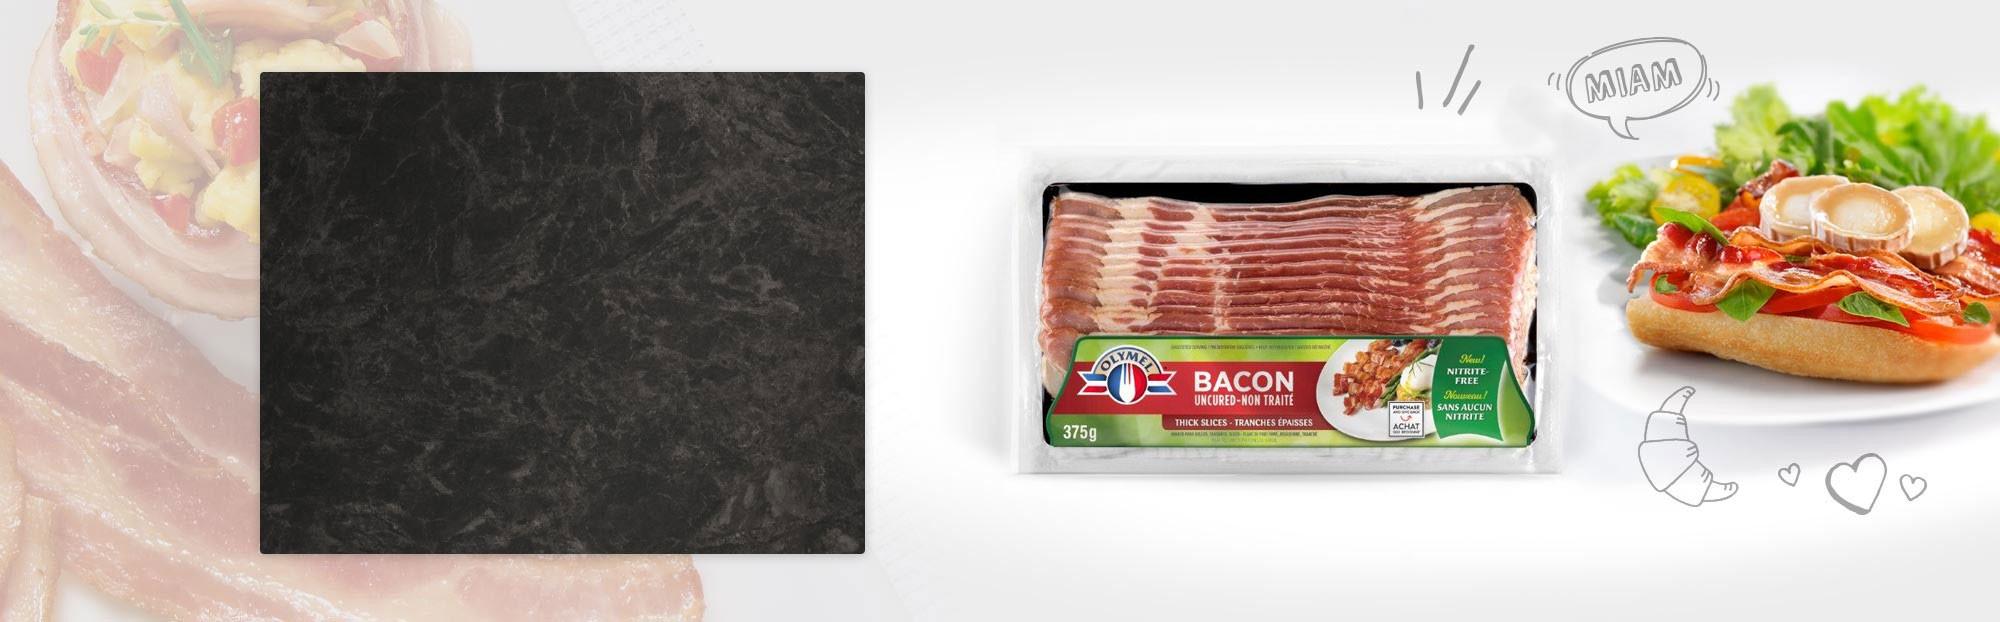 Bacon Non traité